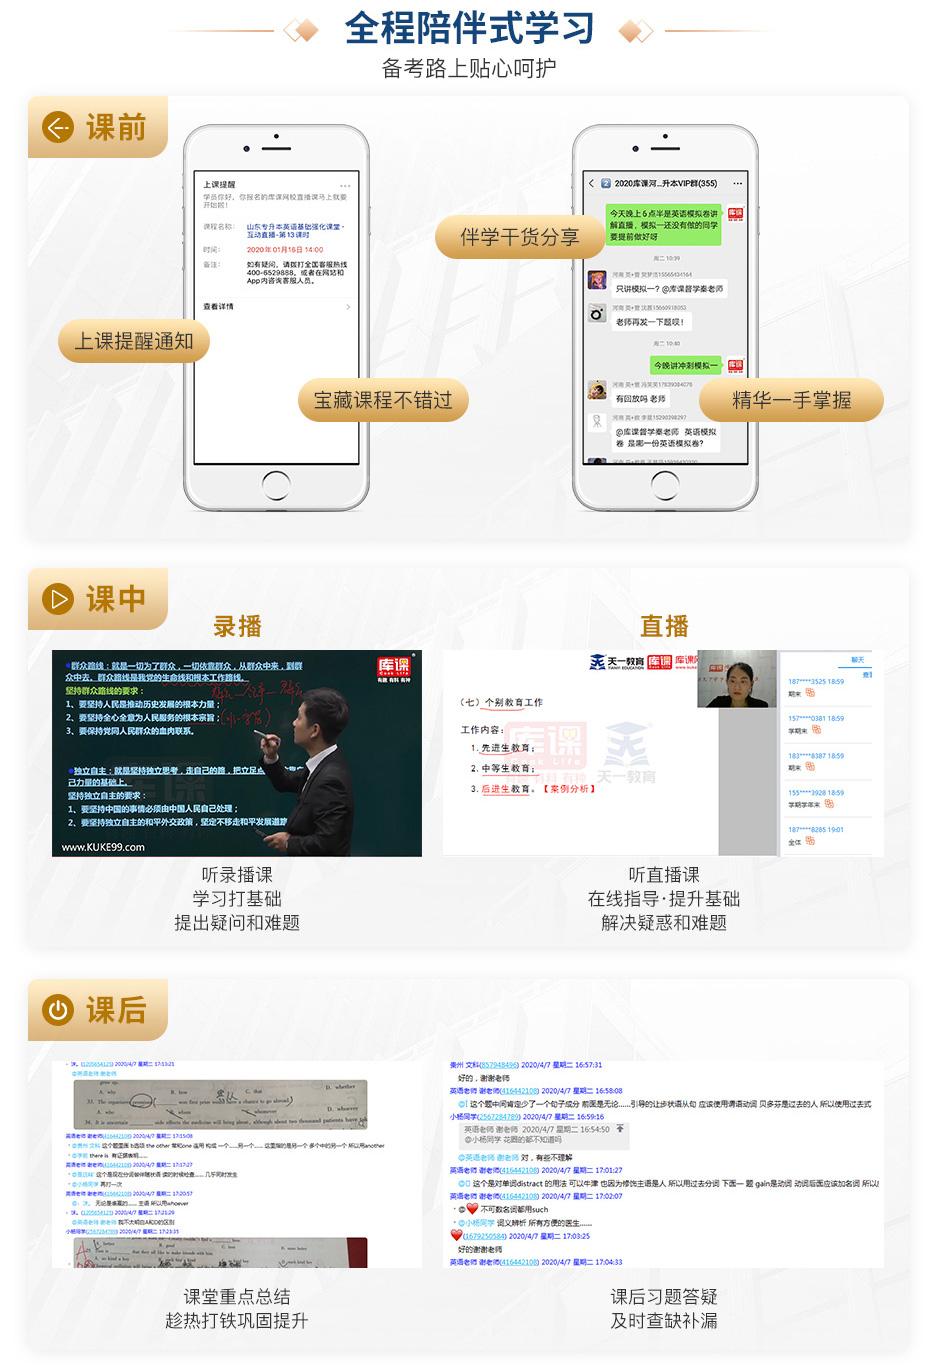 广东-英语+政治理论+管理vip_04.jpg